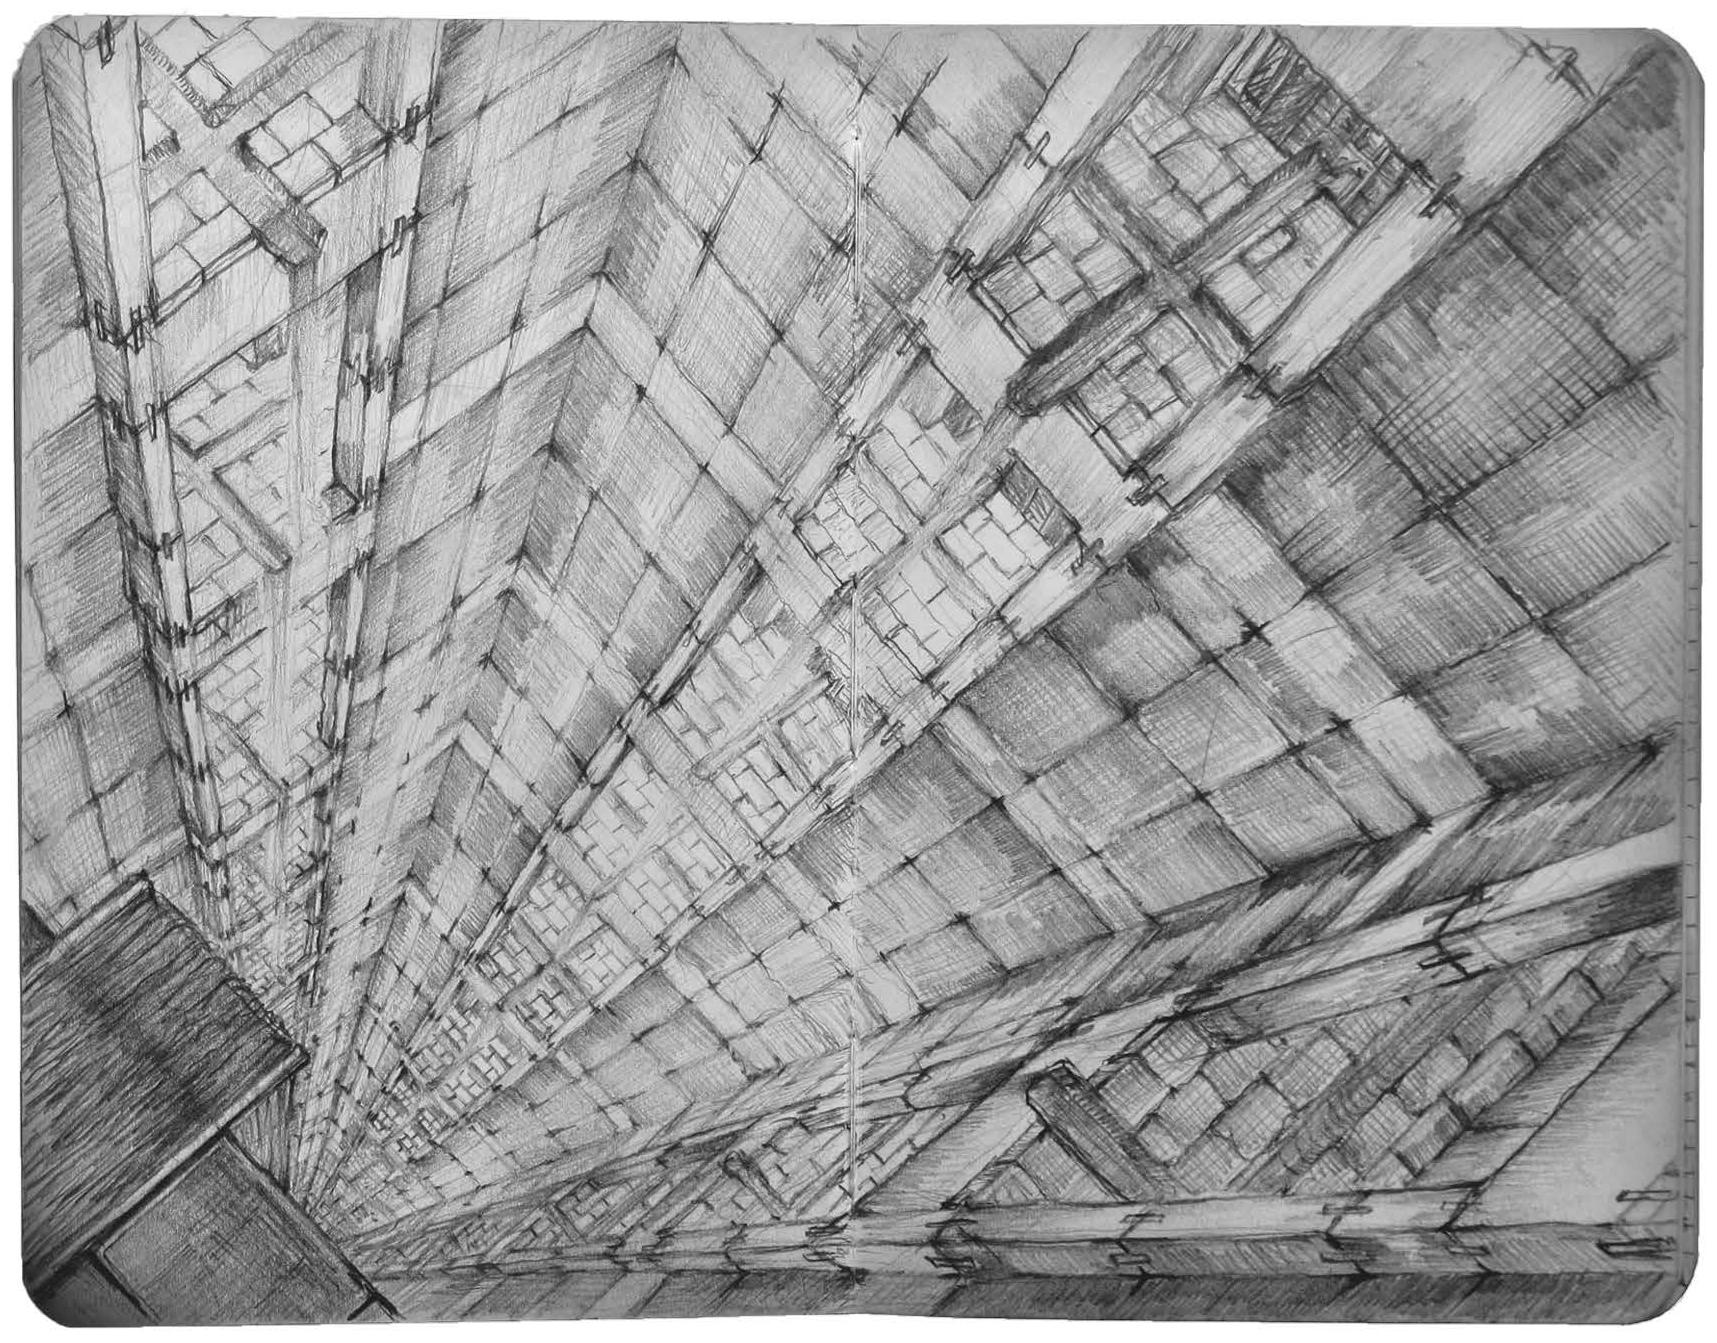 Billedet viser et imaginært uendeligt dybt mellemrum i en skyskraber